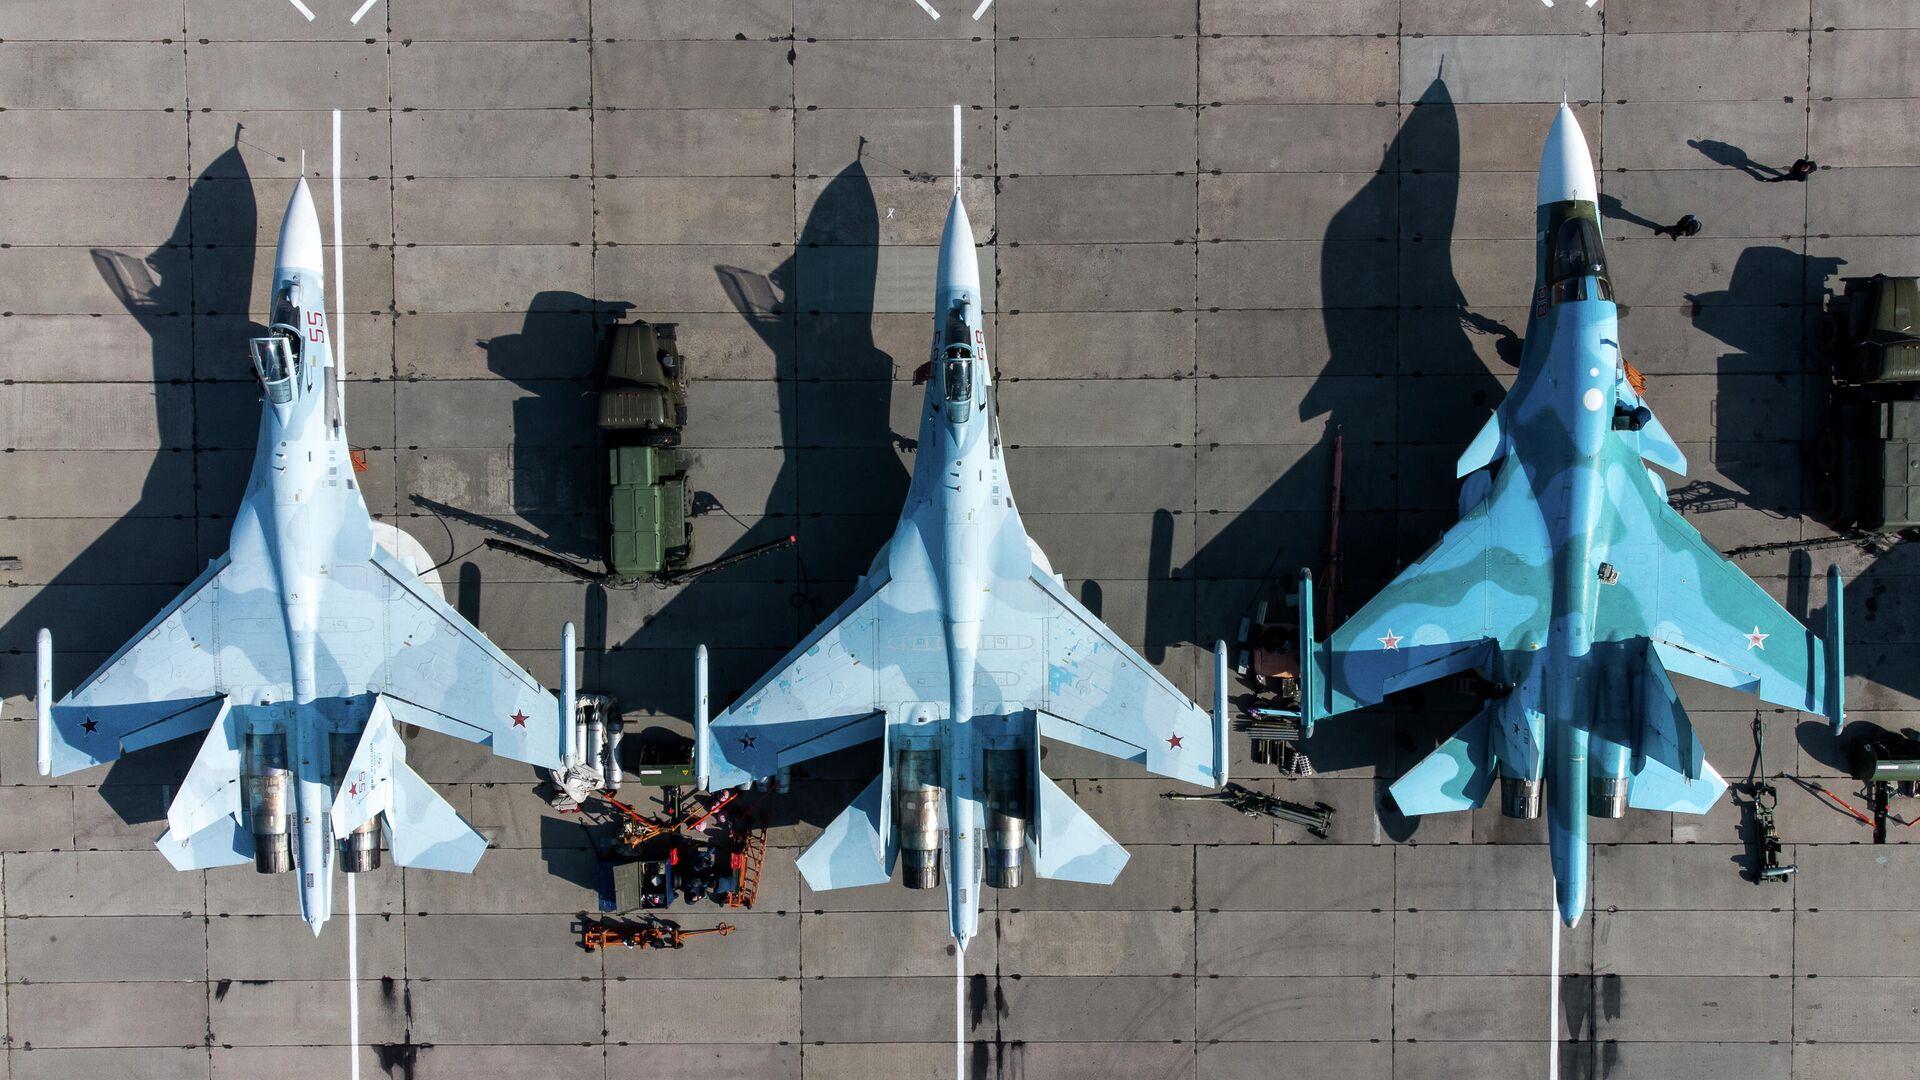 Unos cazas multipropósito Su-35S (a la izquierda) y cazabombardero SU-34 (a la derecha) de las Fuerzas Aeroespaciales de Rusia - Sputnik Mundo, 1920, 29.04.2021